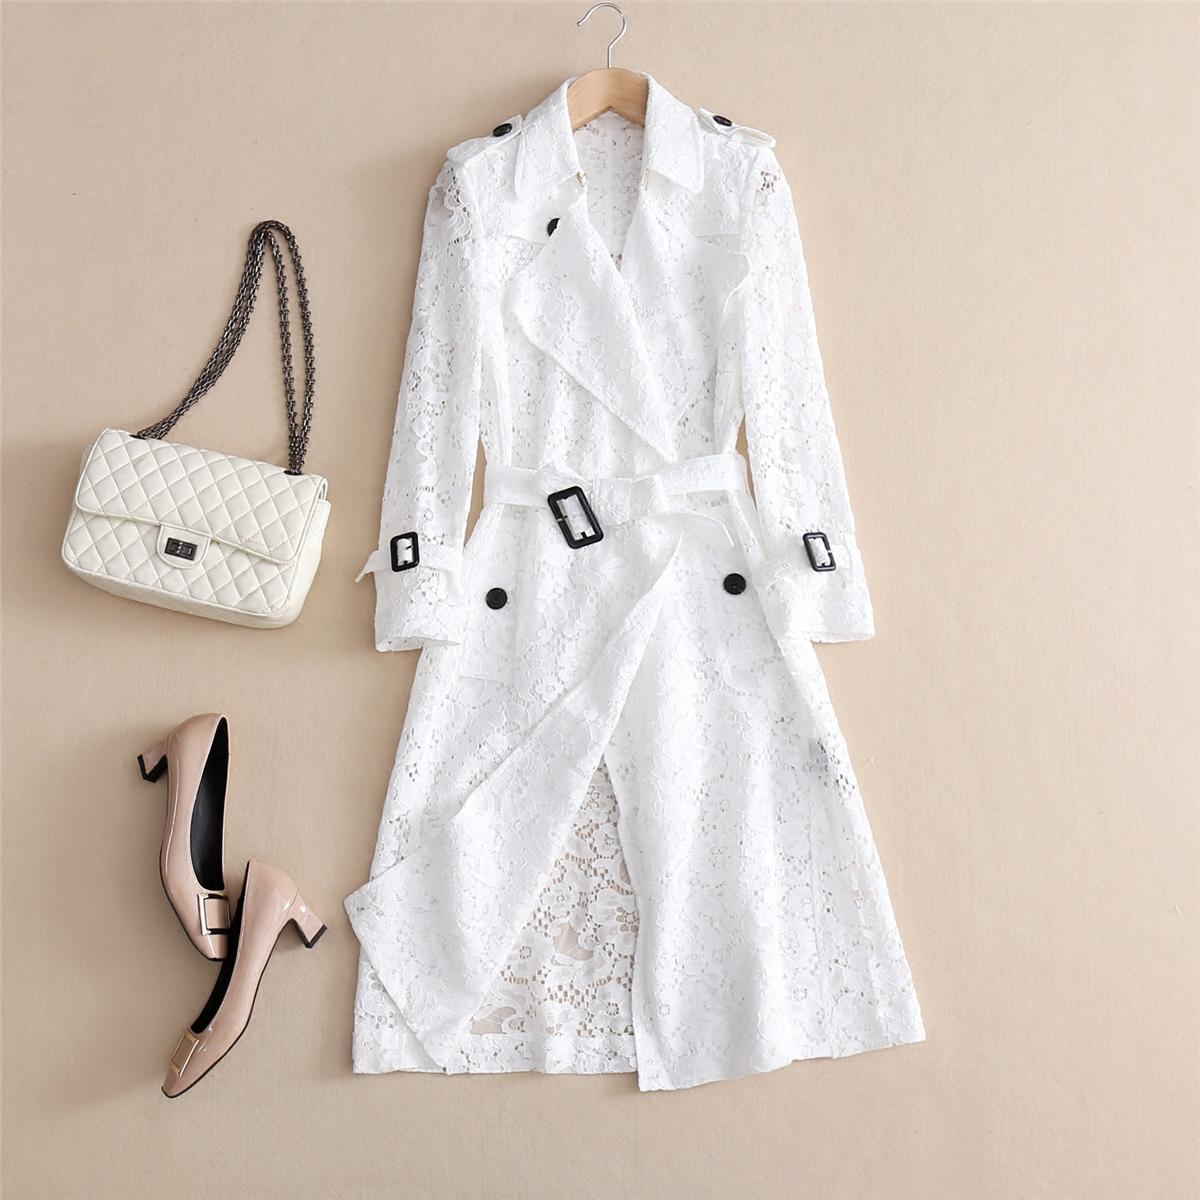 白色风衣 白色蕾丝风衣女中长款春夏新款系带收腰镂空气质薄外套百搭空调衫_推荐淘宝好看的白色风衣